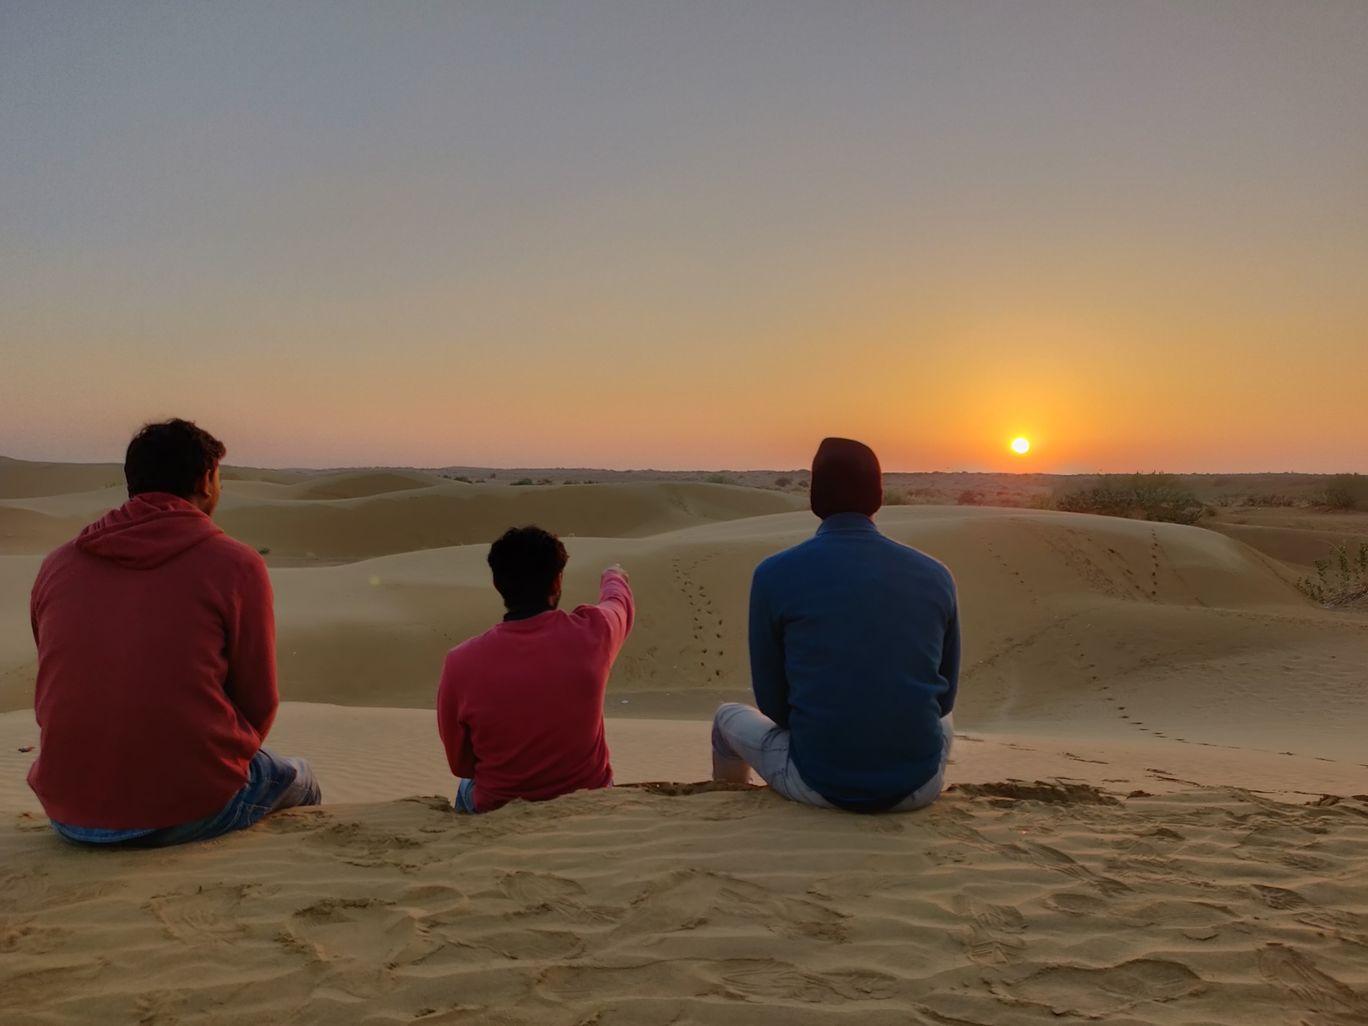 Photo of Sam Sand Dunes Desert Safari Camp Jaisalmer By Vaibhav Jagtap